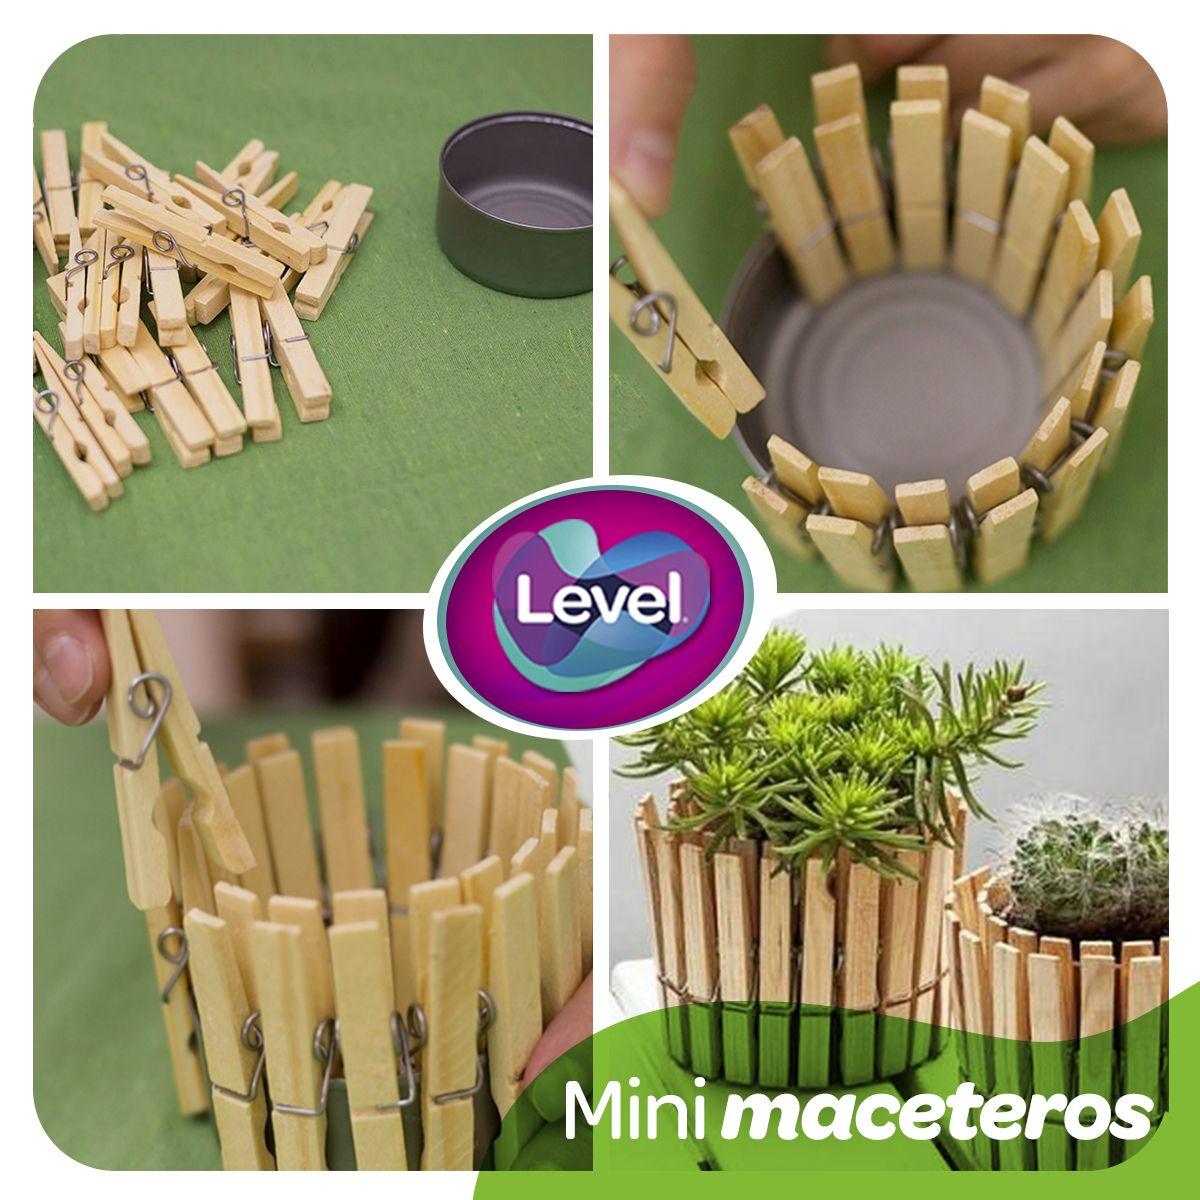 Crea de forma creativa unos mini maceteros. ¡Quedan geniales ...